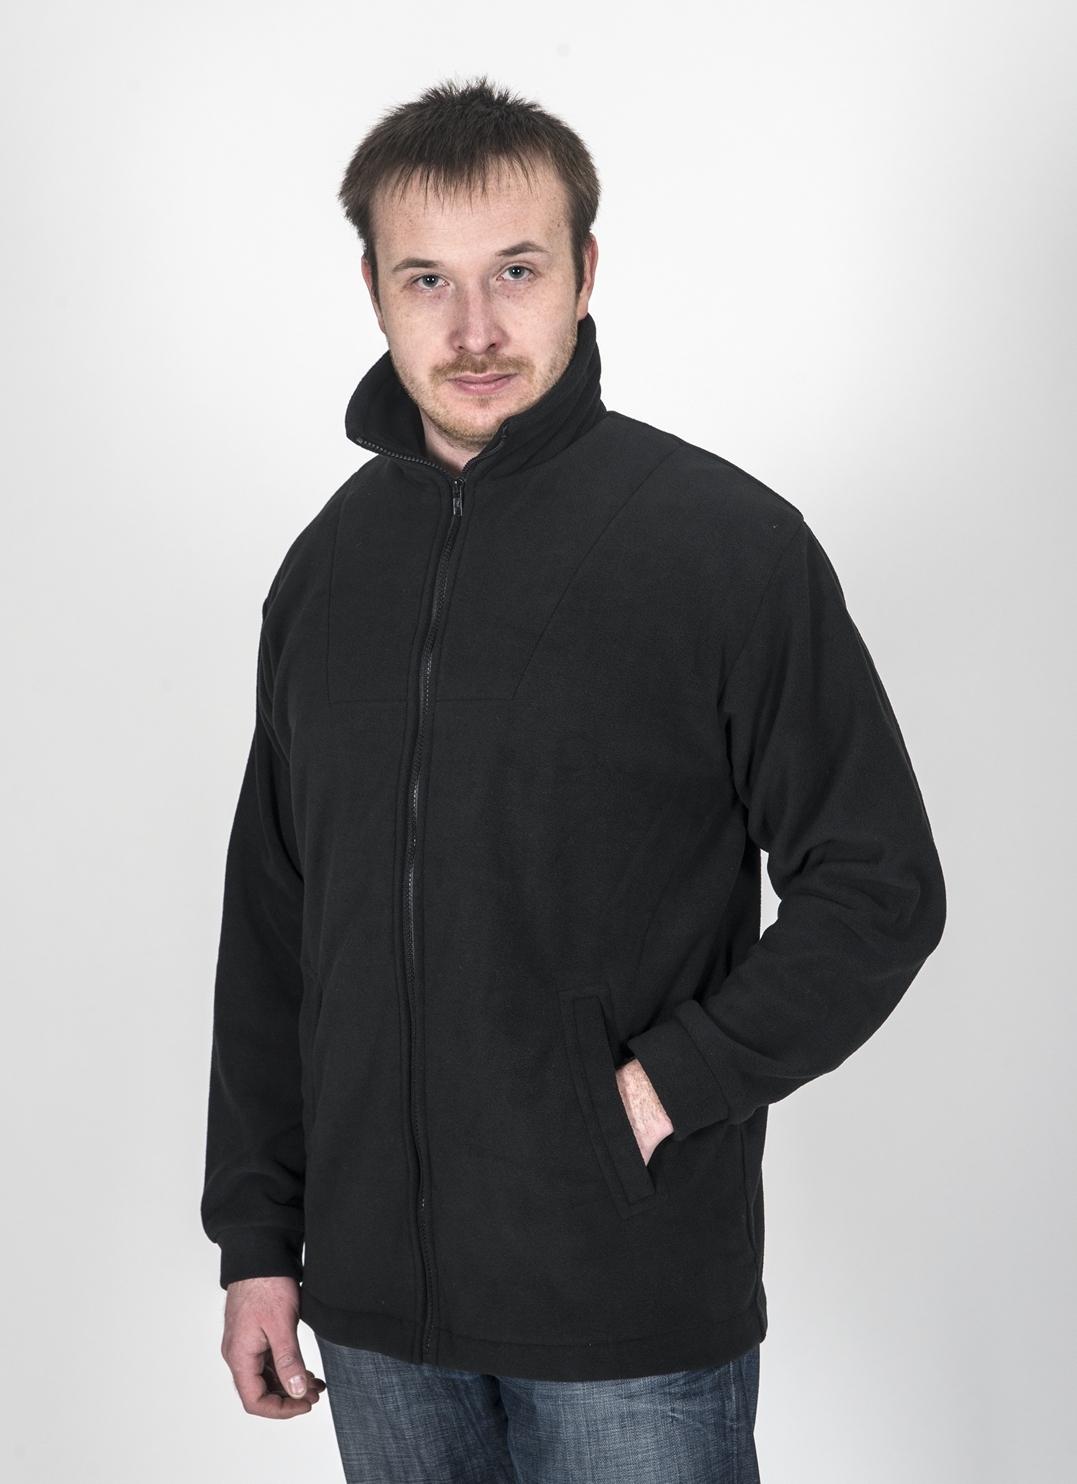 Куртка Fisherman Комфорт, цвет: черный. 55440. Размер 56/58КомфортФлисовая куртка Комфорт отлично заменит шерстяной свитер или кофту. Куртка имеет разъемную молнию, высокий воротник и два глубоких кармана. Низ куртки регулируется при помощи резинки и стоппера. Изготавливается из ткани Polar fleece плотностью 300 гр\м2.Polar fleece это: трикотажная ткань с двухсторонним ворсом: особо износоустойчивым с наружной стороны - Polar и очень мягким и комфортным с внутренней - fleece. Polar fleece - лучший современный заменитель шерсти, дышащий и не вызывающий аллергии.Основные достоинства и преимущества:высокоэффективная теплозащита; мягкость и комфорт при прикосновении; отлично впитывает влагу и не холодит тело при намокании, как одежда из хлопка; быстро высыхает после намокания – быстрее, чем хлопок или шерсть; не обладает усадкой после стирки; не растягивается и не теряет форму в процессе эксплуатации.